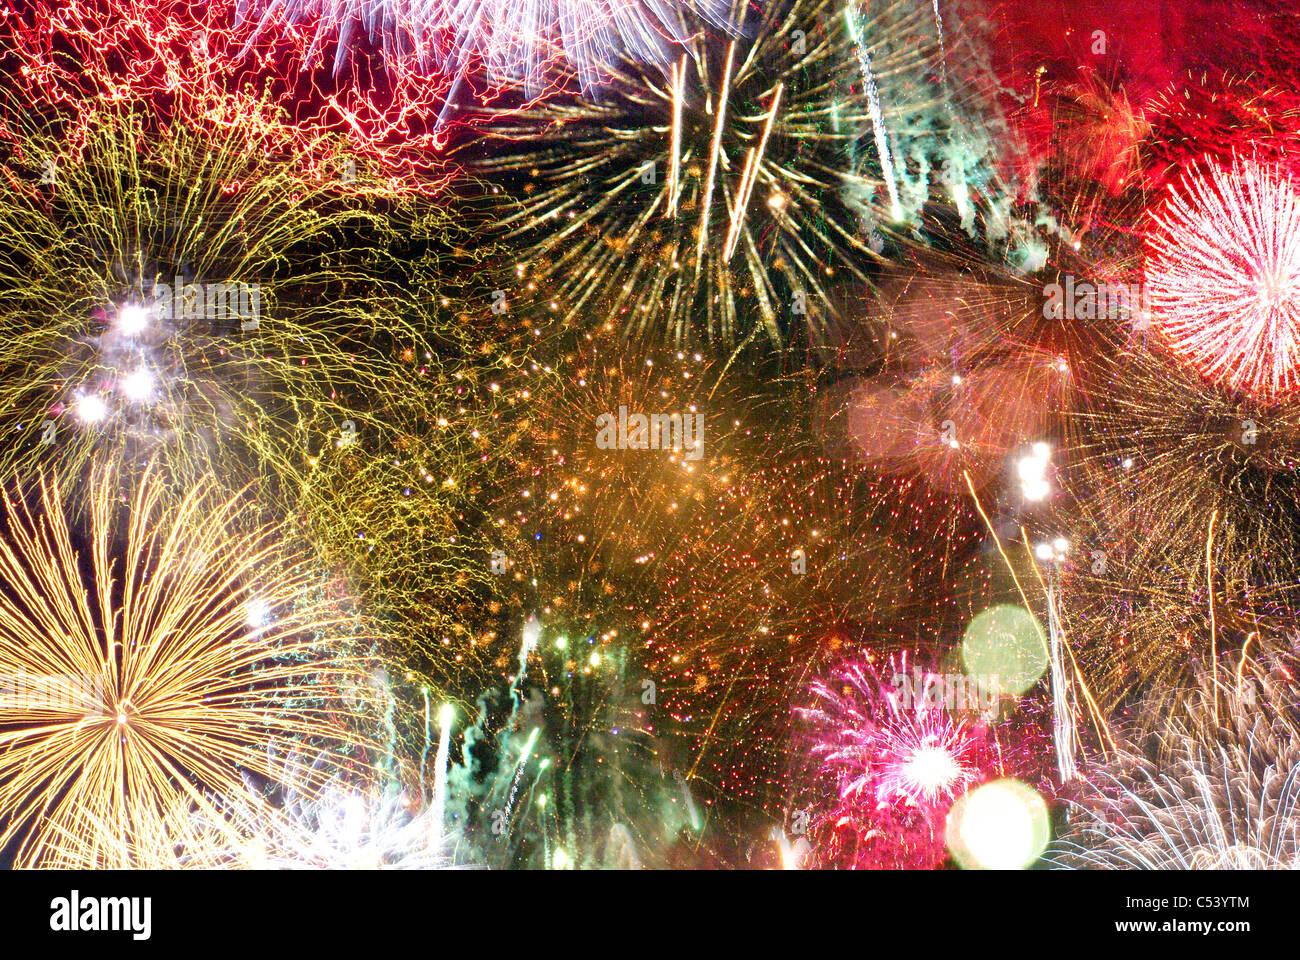 Tipo de fondo imagen mostrando muchas explosiones de fuegos artificiales. Foto de stock